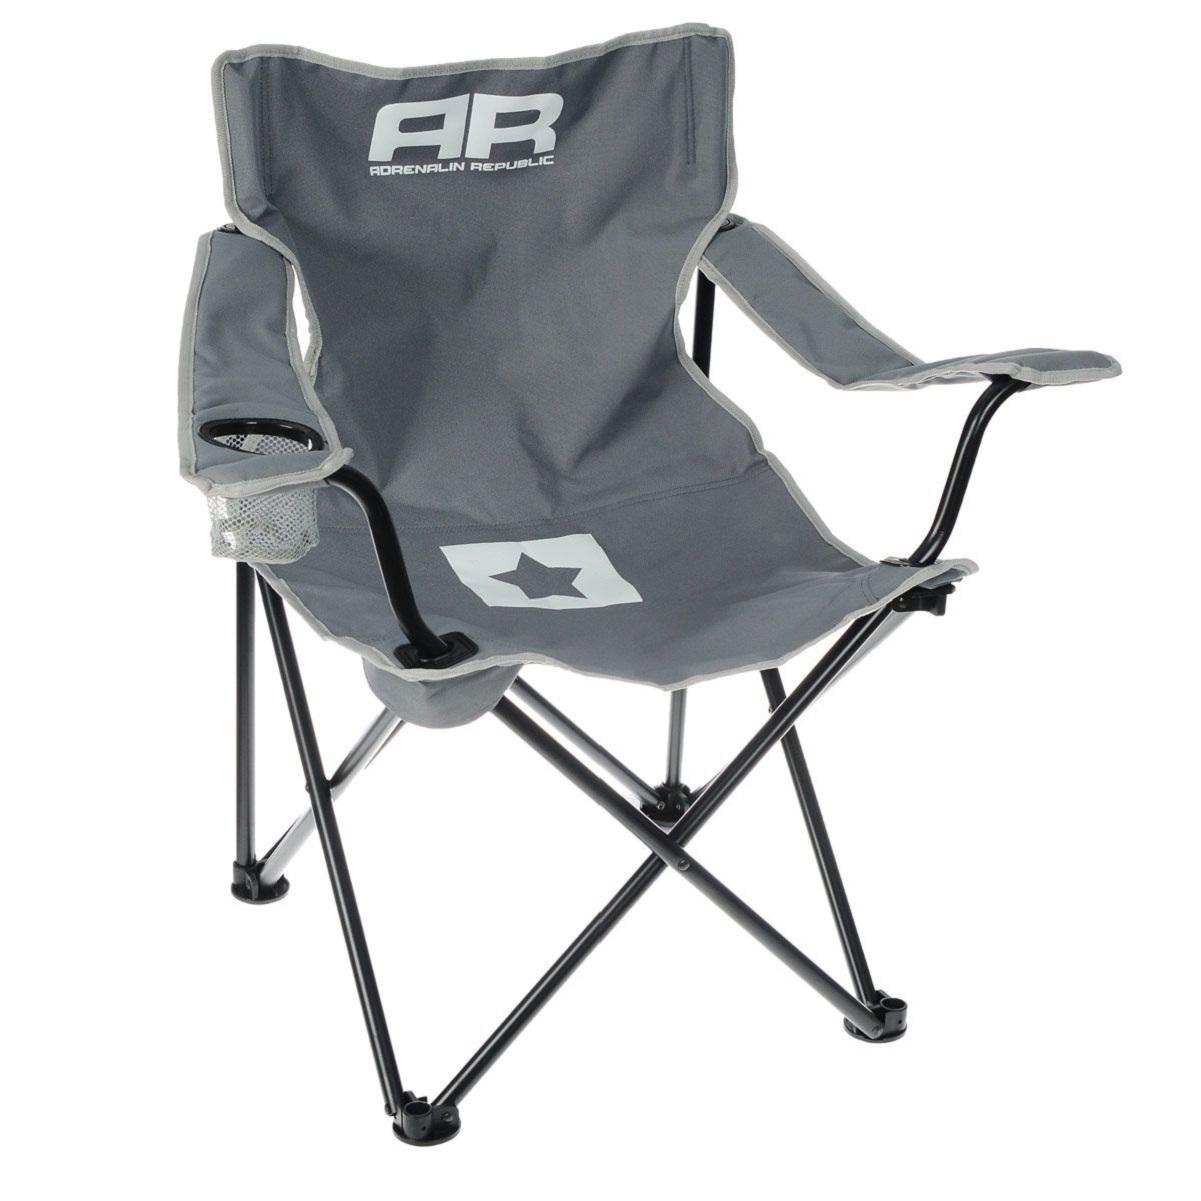 Складной стул Adrenalin Republic Mac Tag Sr. Gray (подлокотники, держатель стакана)